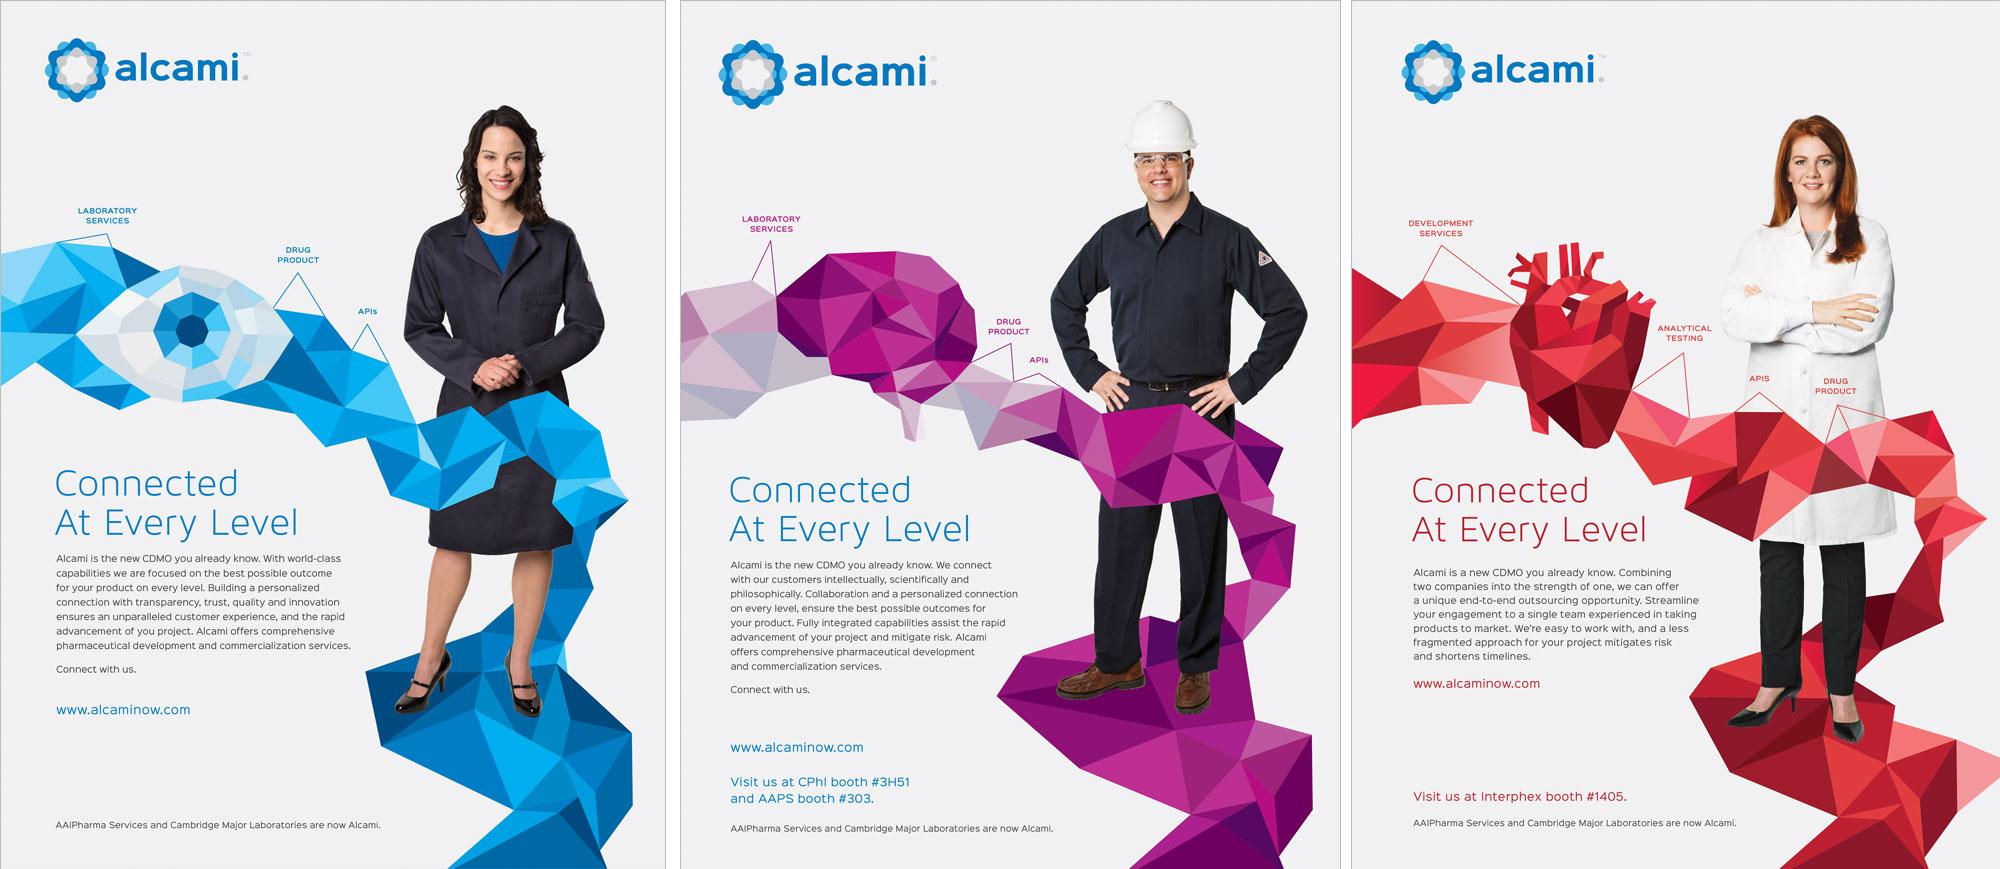 Alcami_Advertising_3.jpg